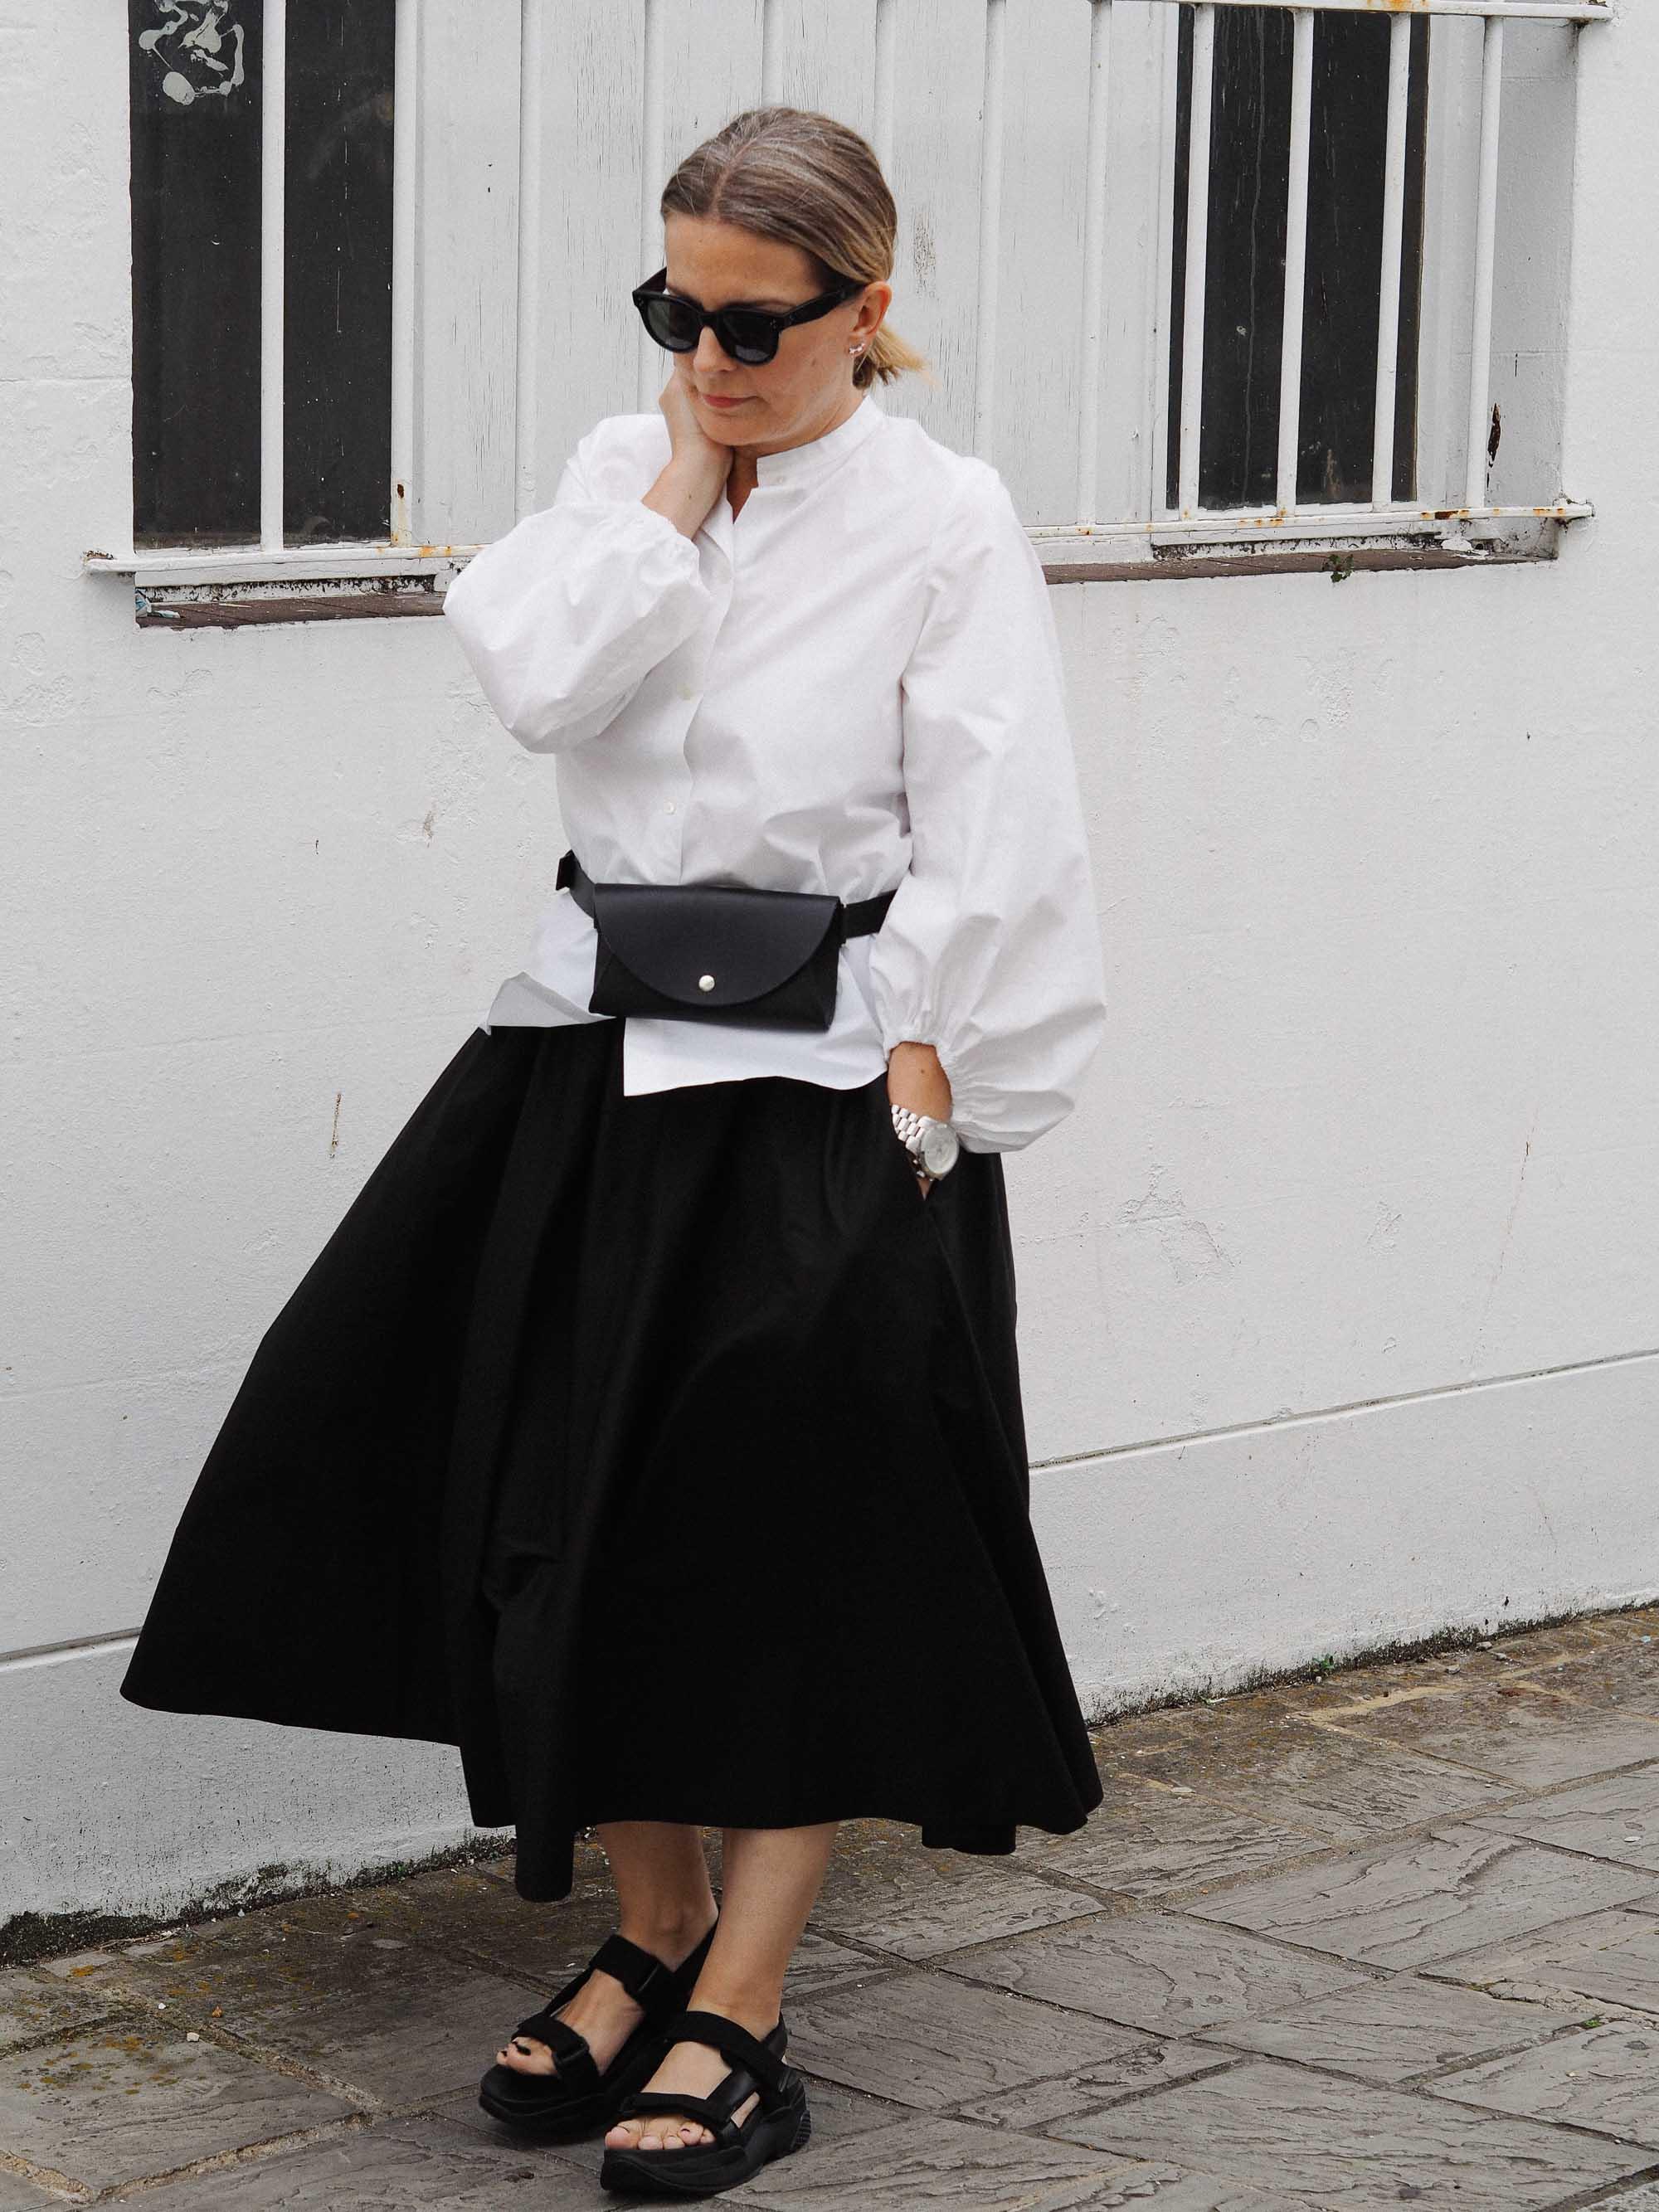 5 SBS summer monochrome dressing.jpg